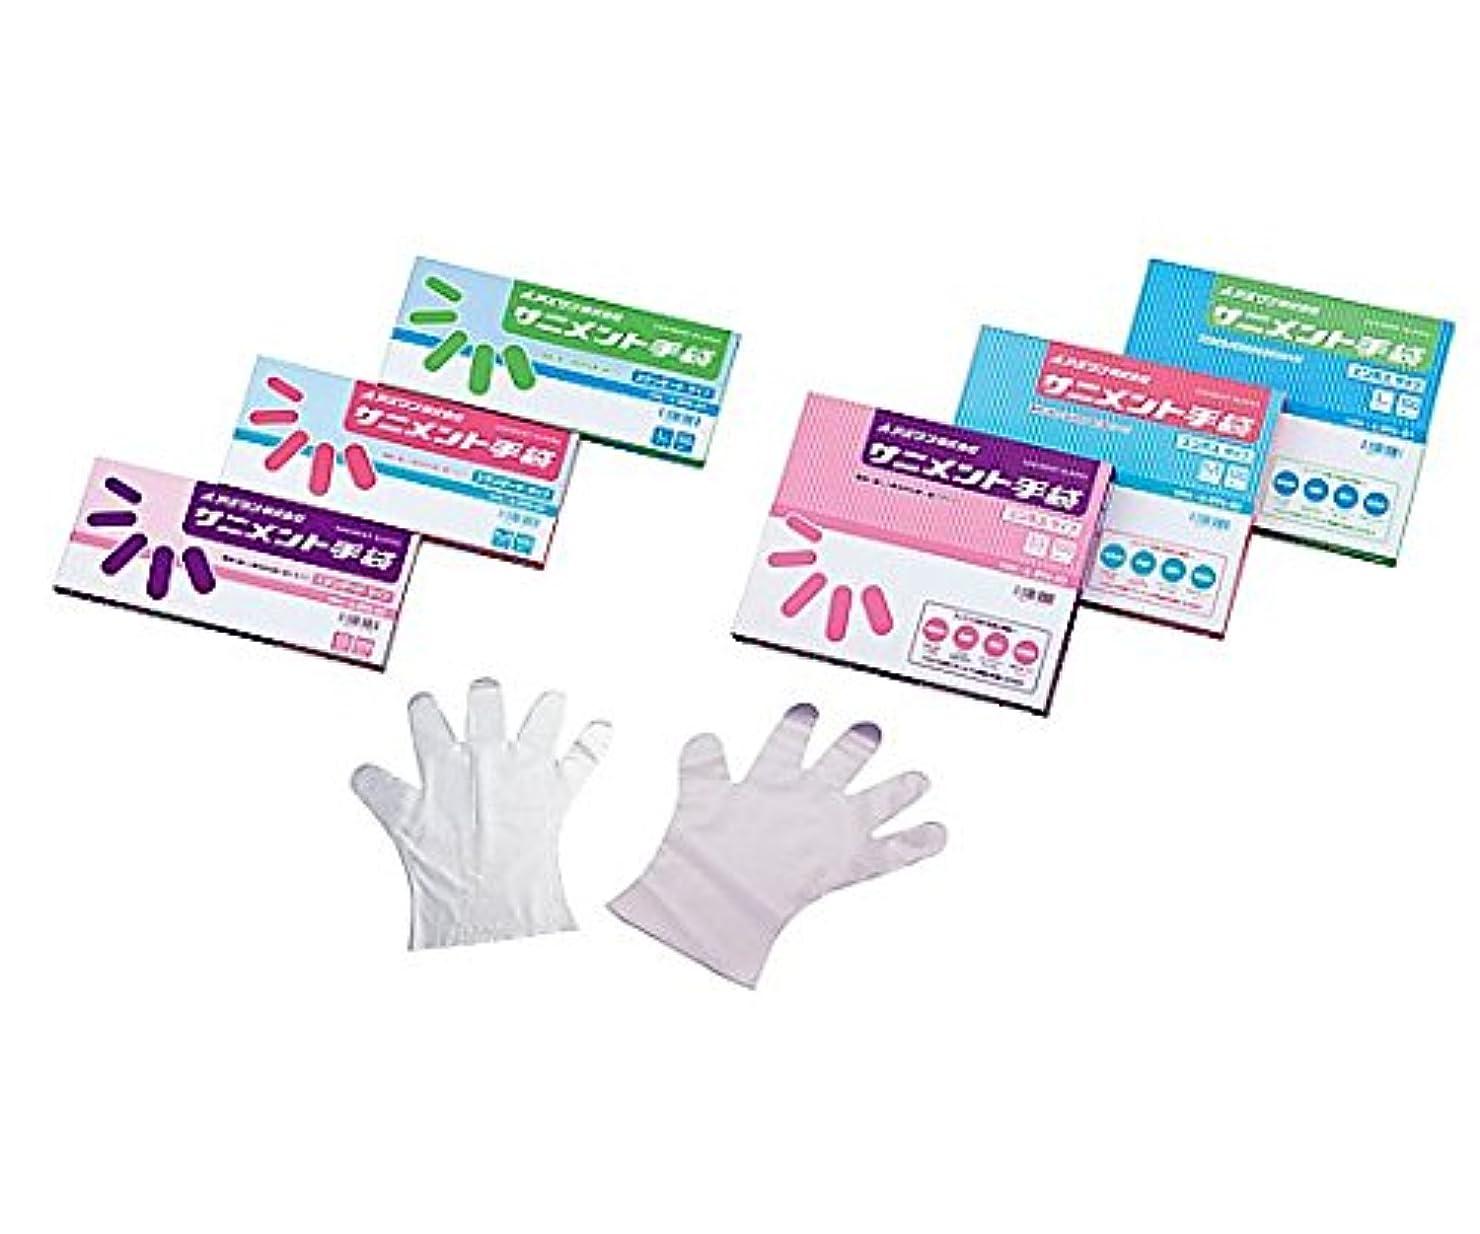 アズワン9-888-03ラボランサニメント手袋(PE?厚手タイプ)スタンダードS10箱+1箱